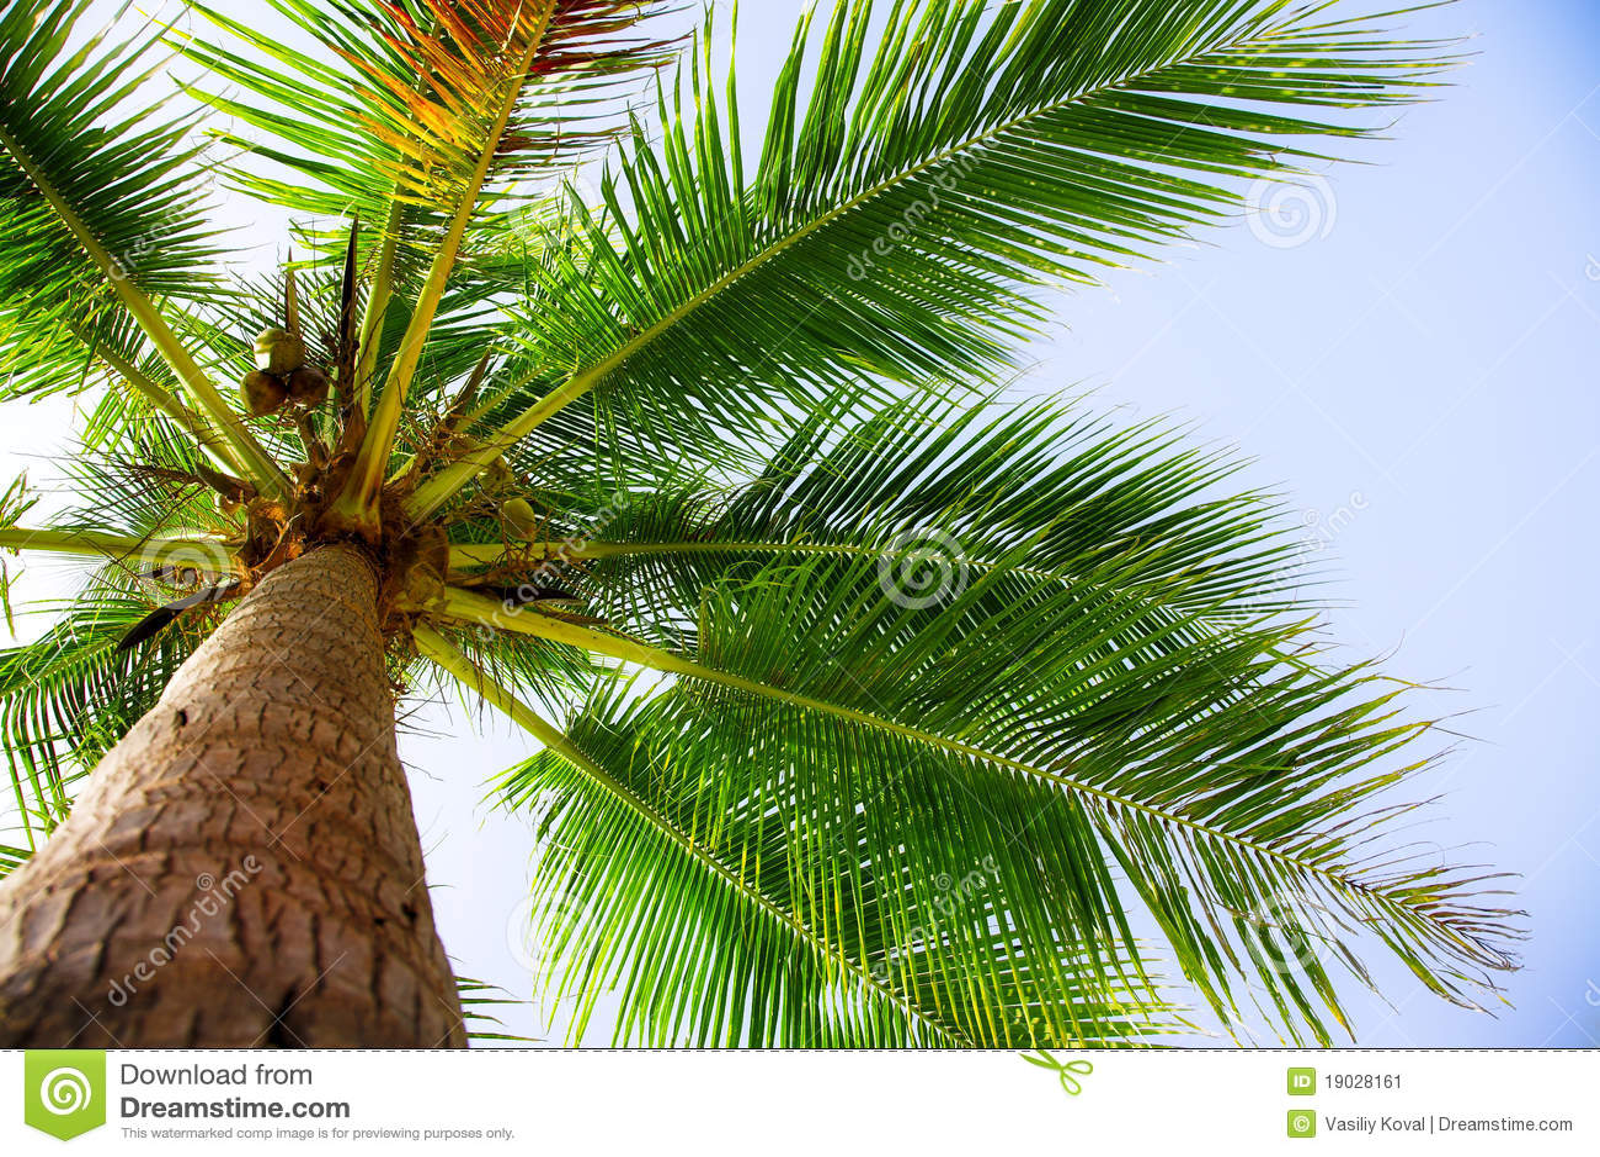 Palma di noce di cocco immagine stock immagine 19028161 - Palma di cocco ...